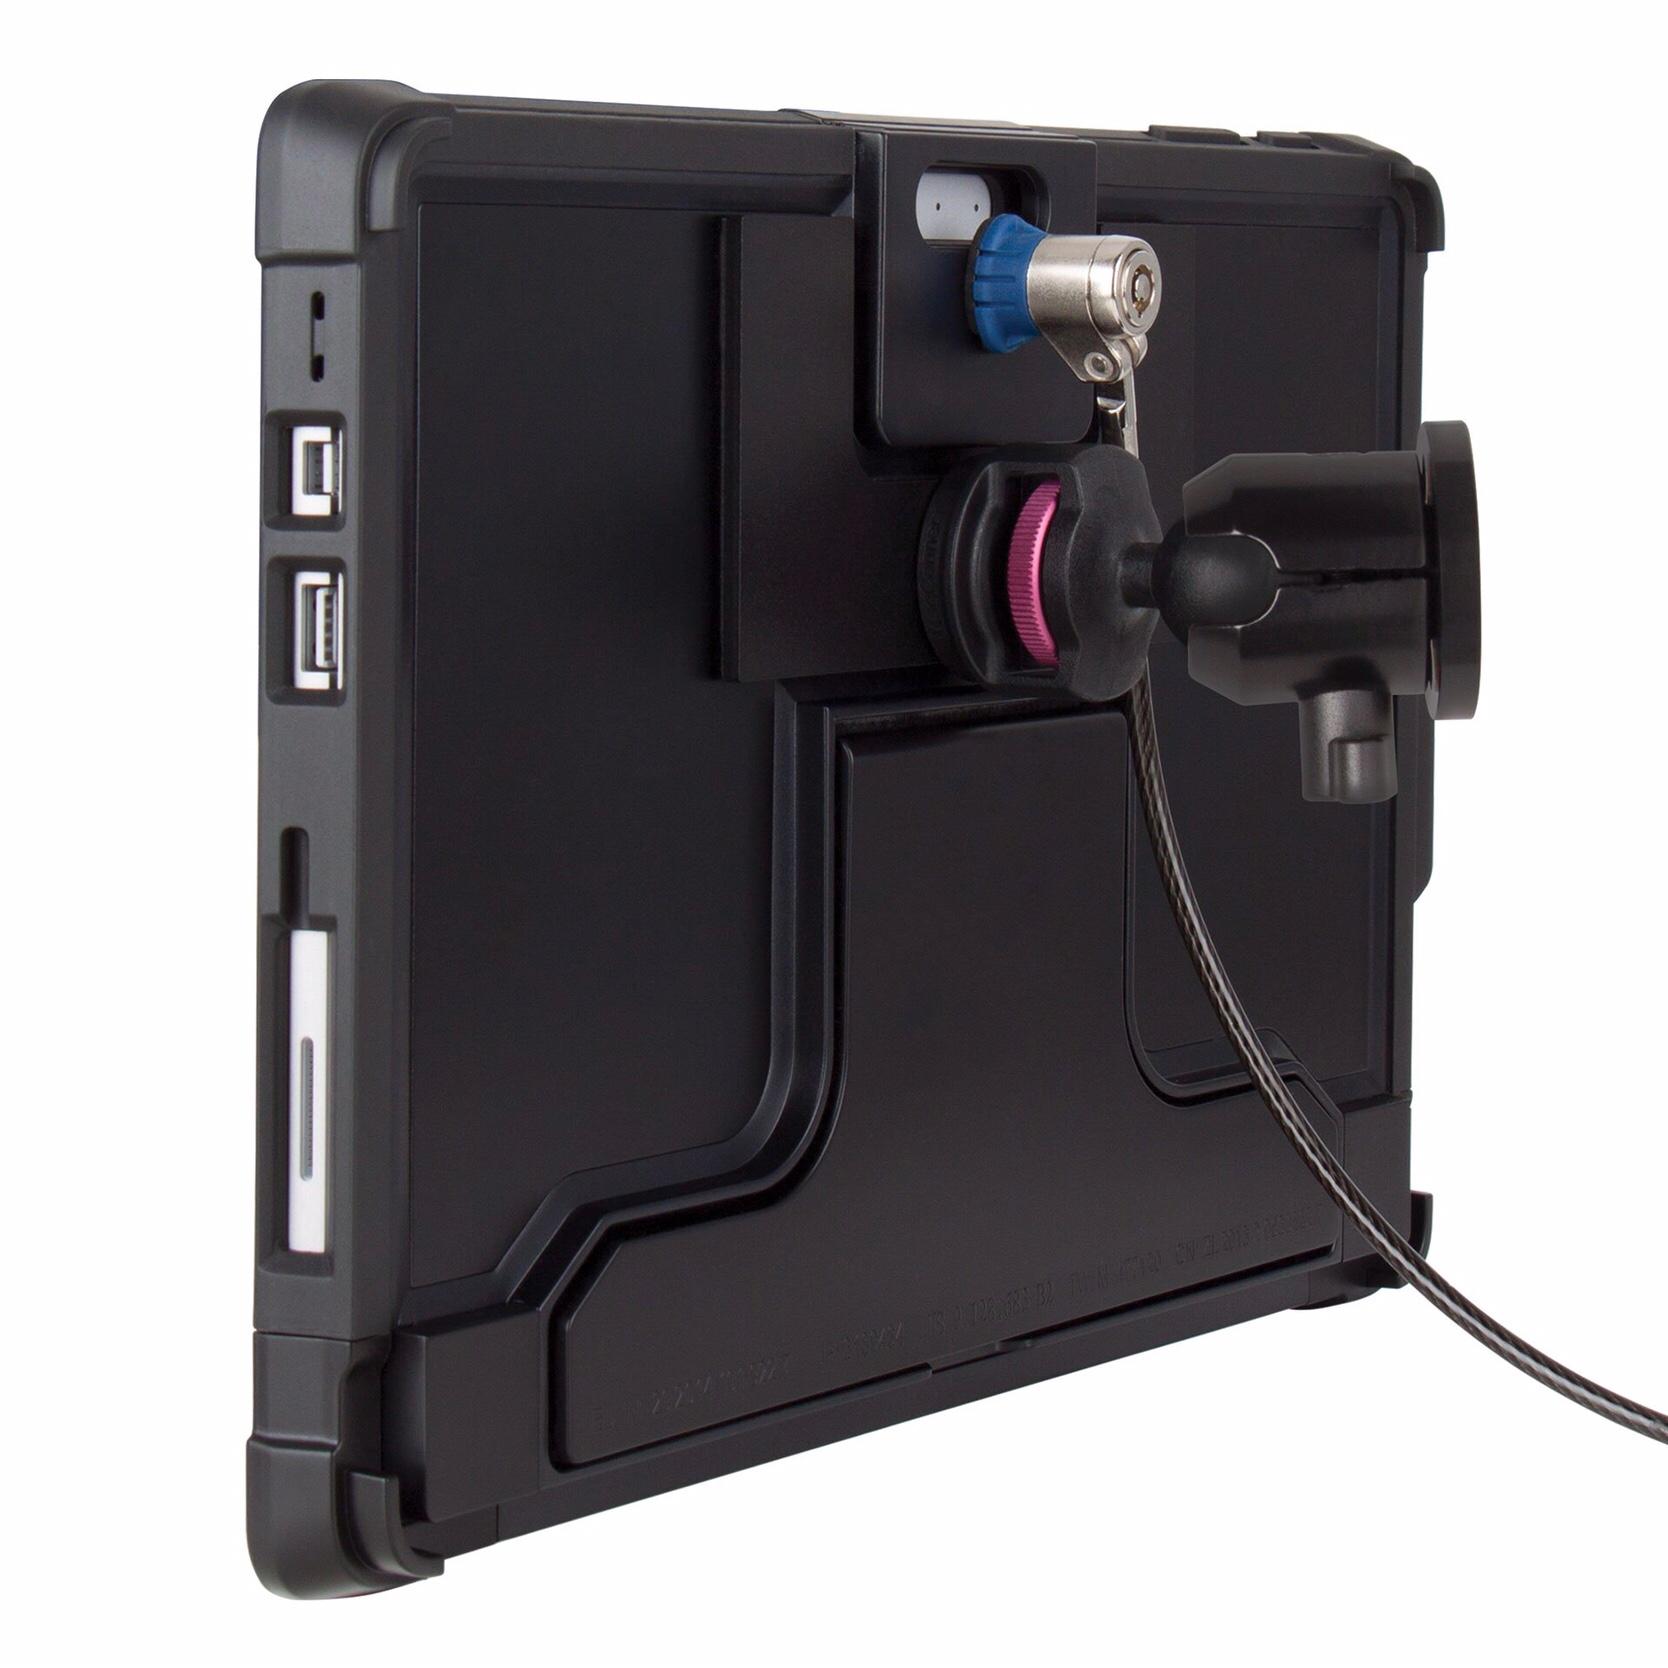 Kit 2 en 1 Coque Protection SURFACE PRO 12.3 Lockdown et Cable Antivol renforce